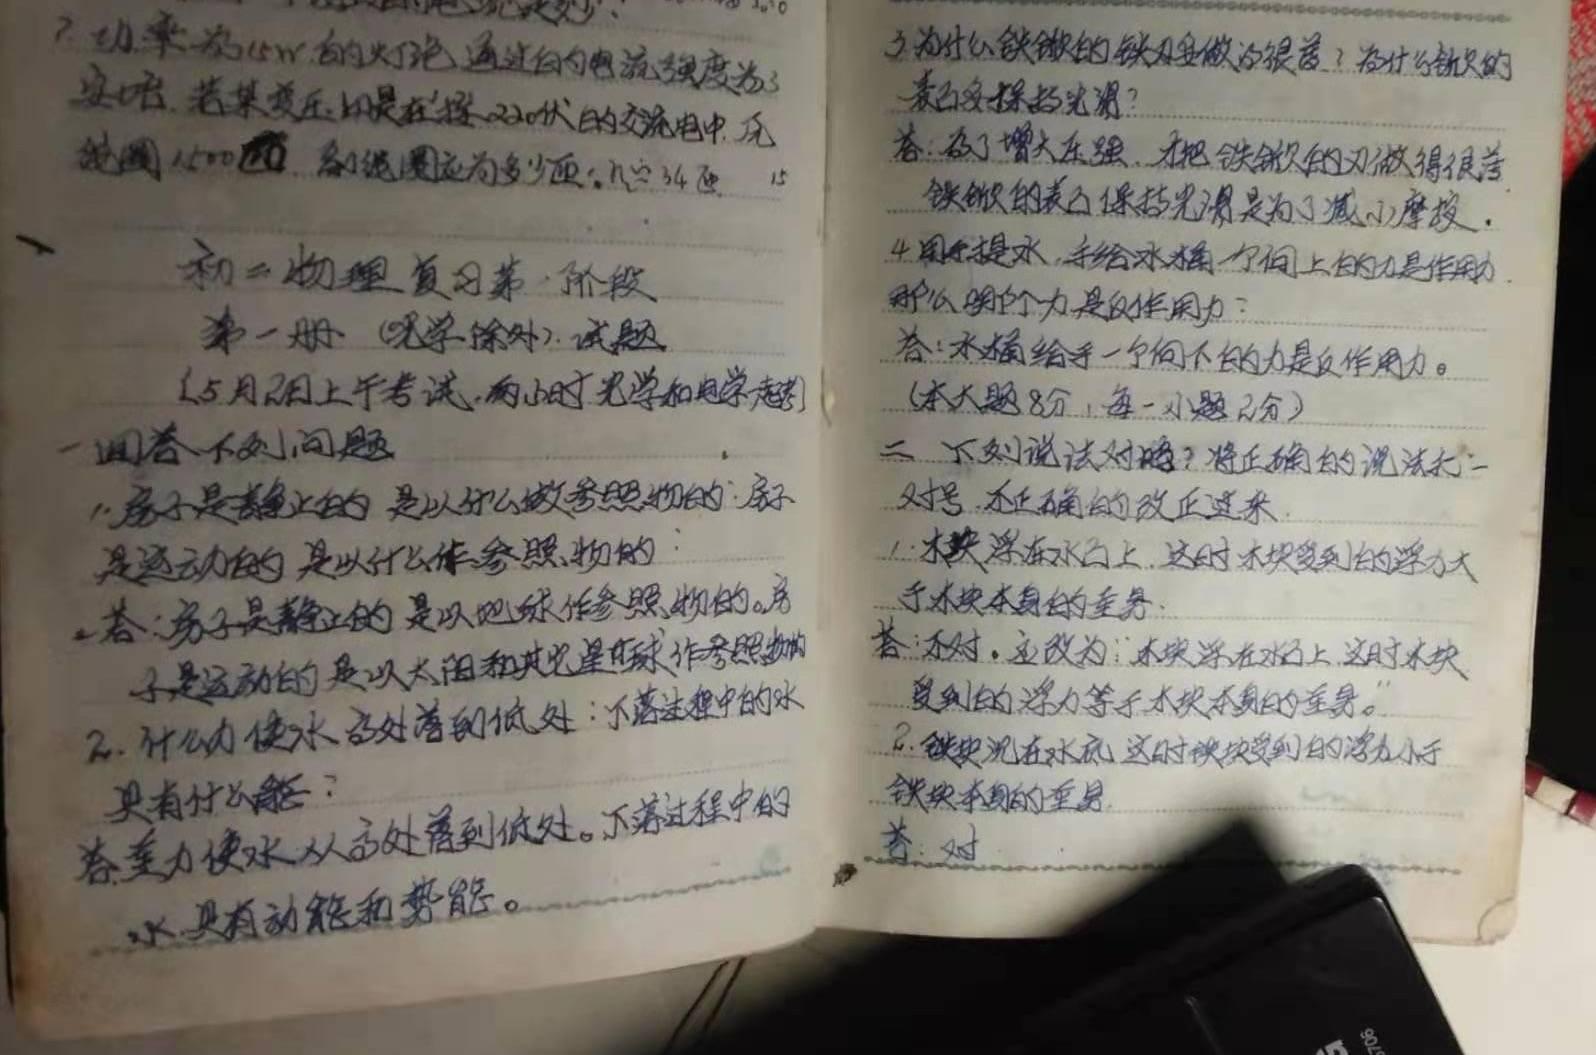 新疆胜青岛 亚当斯空砍50分